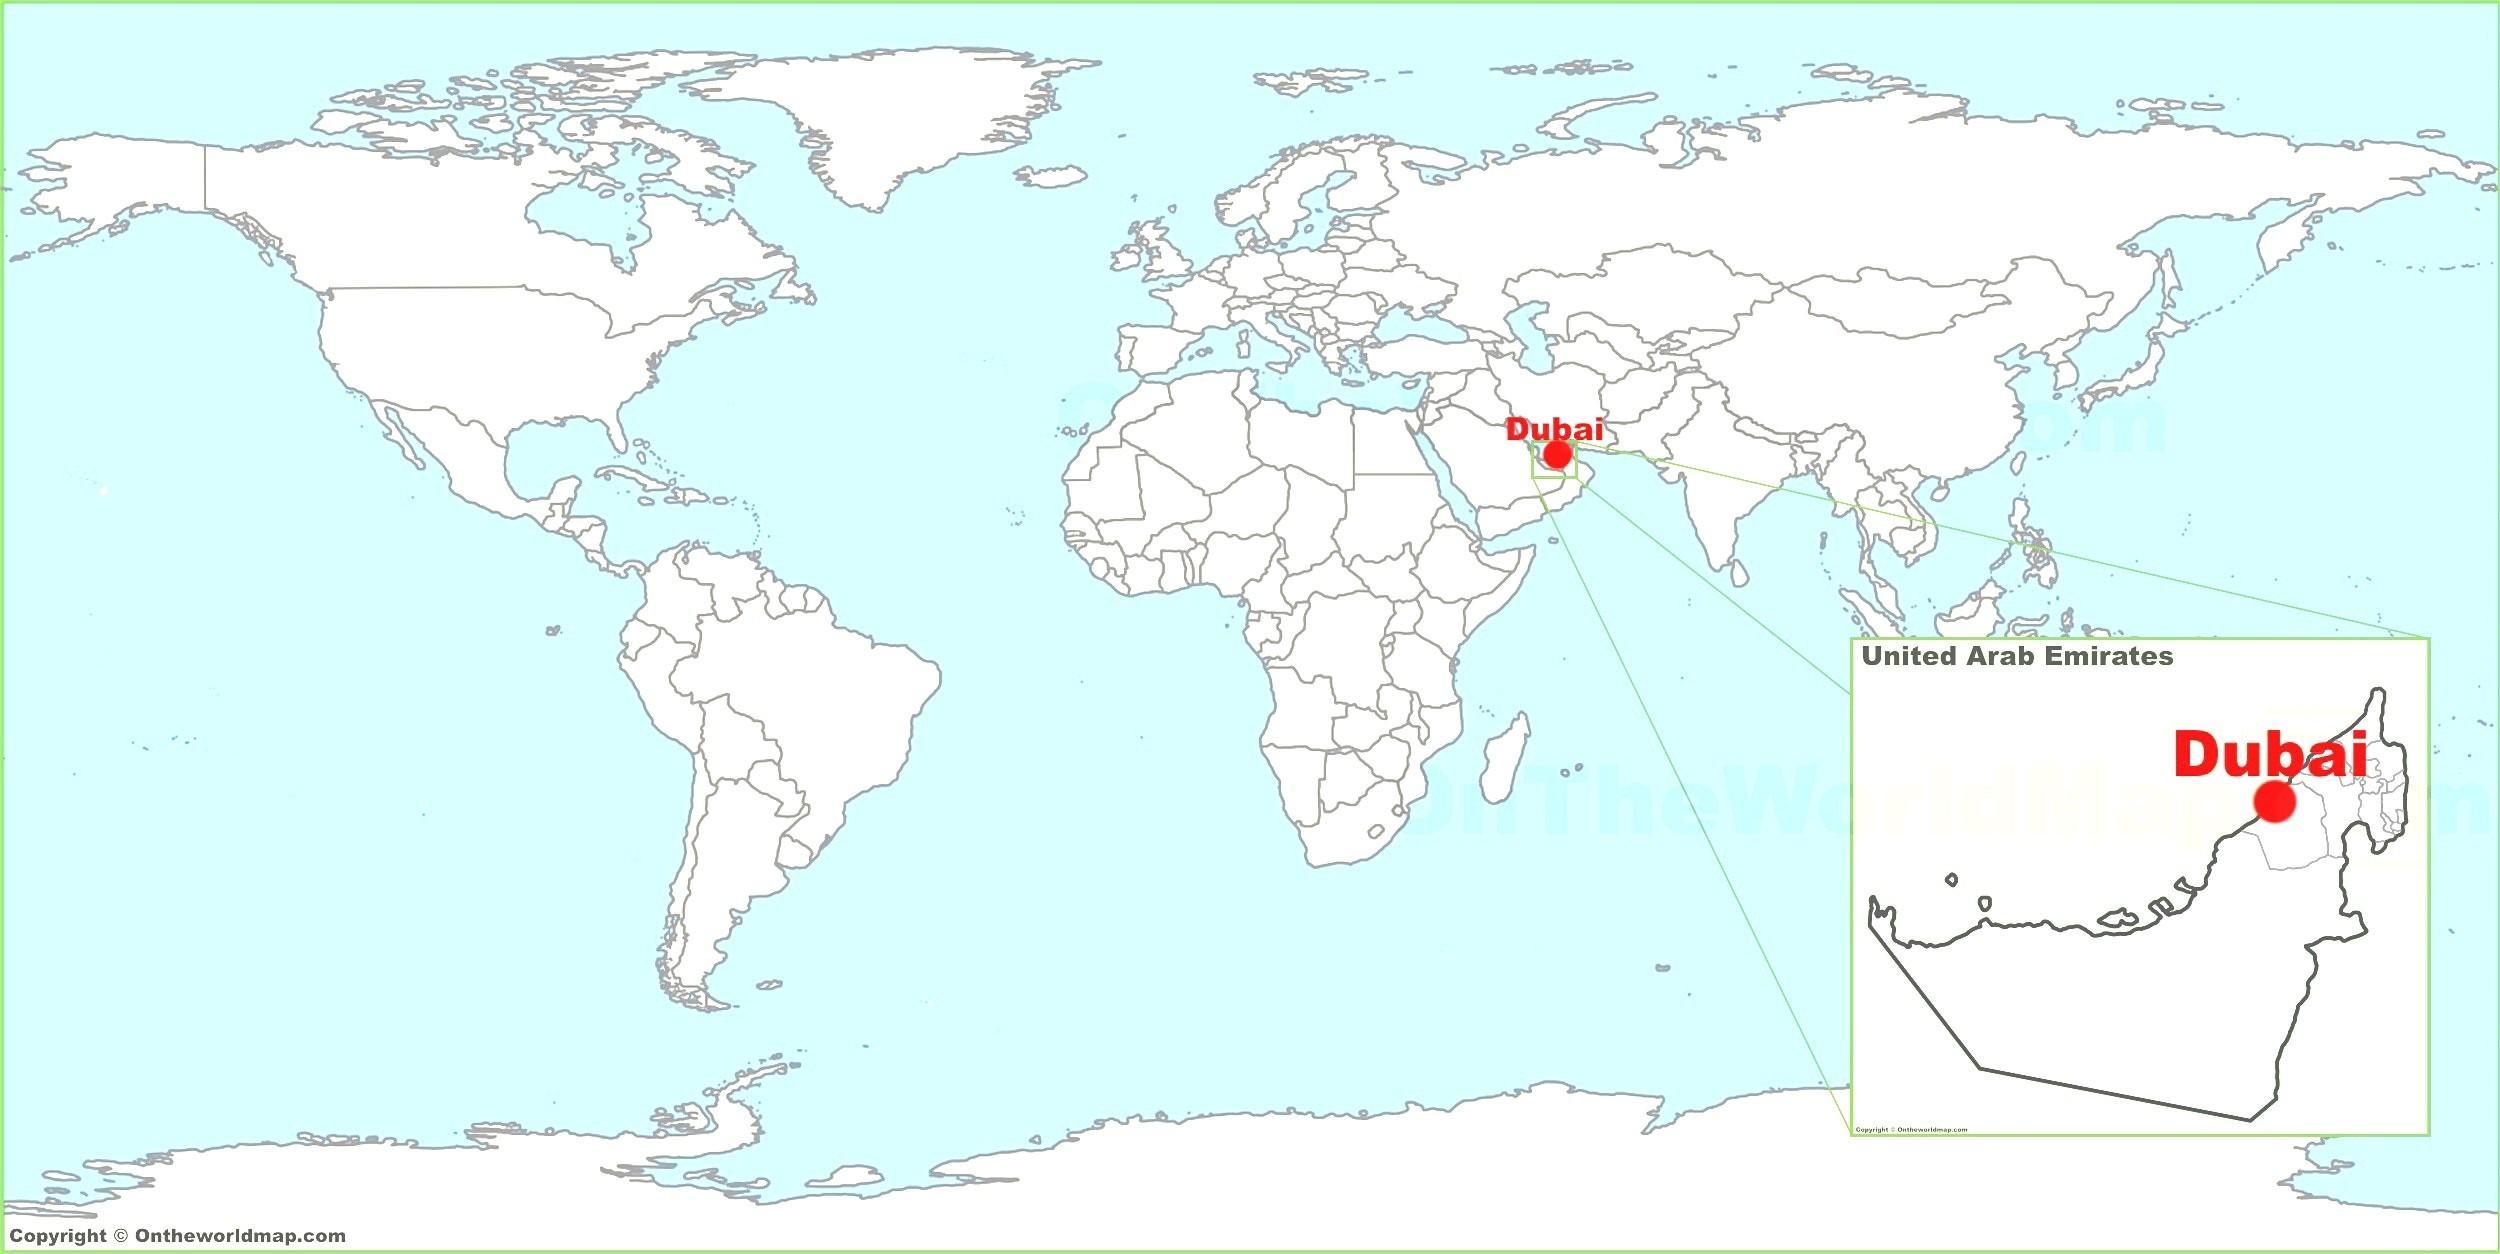 Dubai world map - Dubai auf einer Weltkarte (Vereinigte Arabische ...